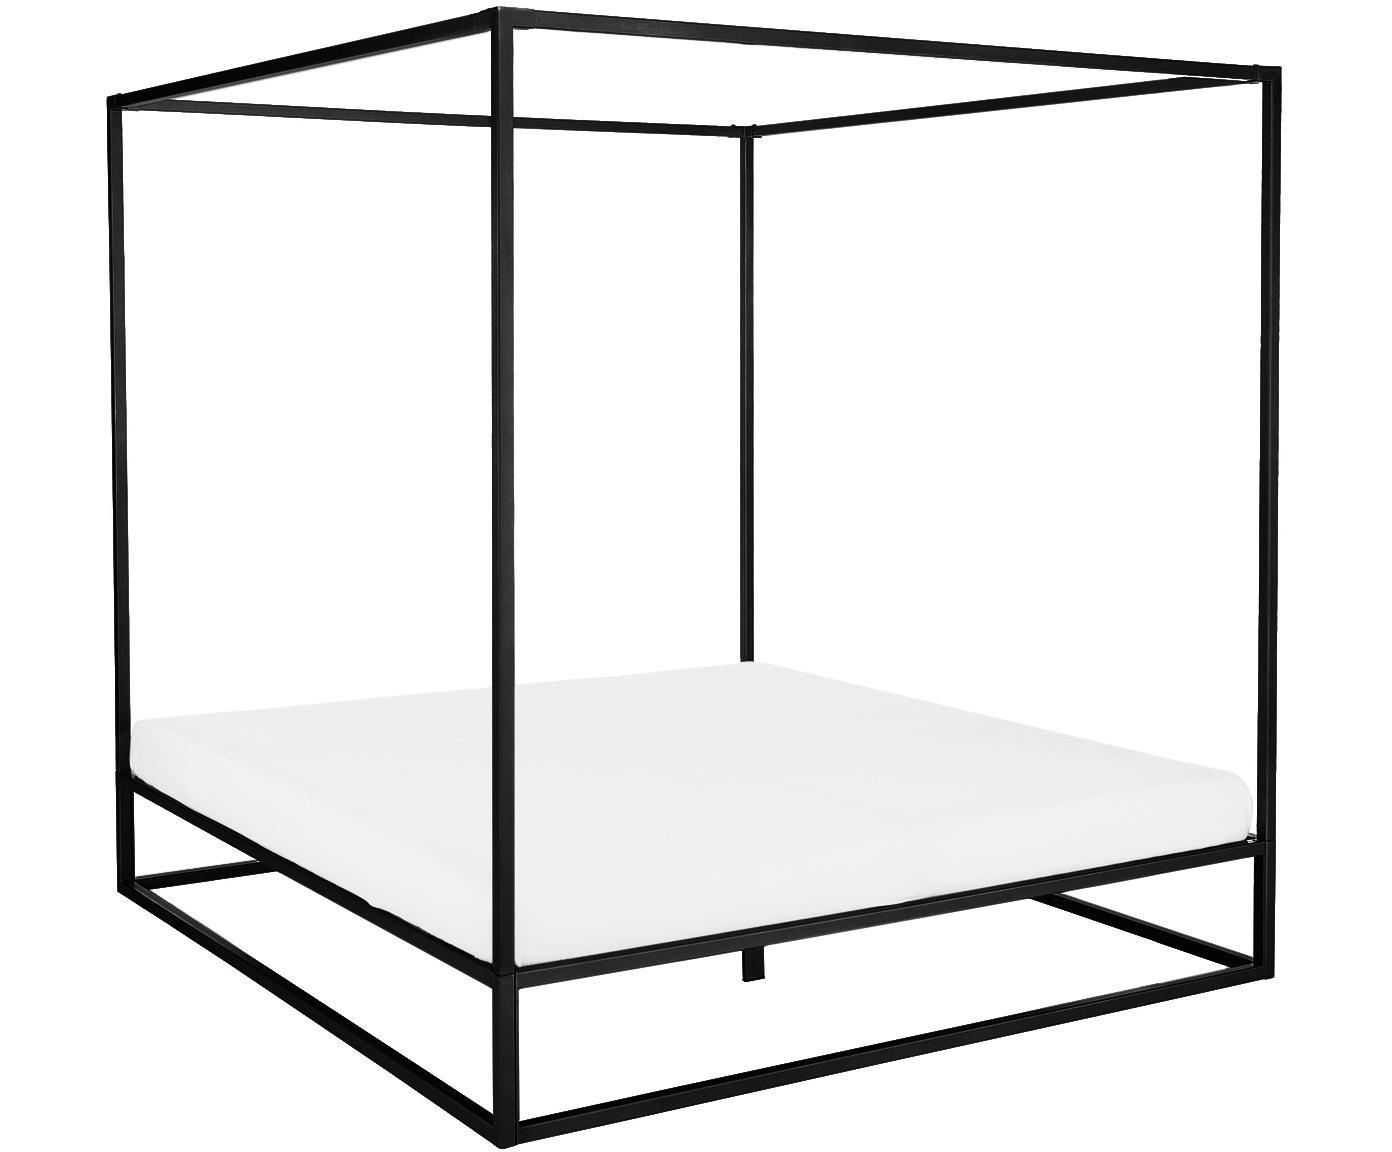 Hemelbed Belle, Gepoedercoat metaal, Mat zwart, 160 x 200 cm